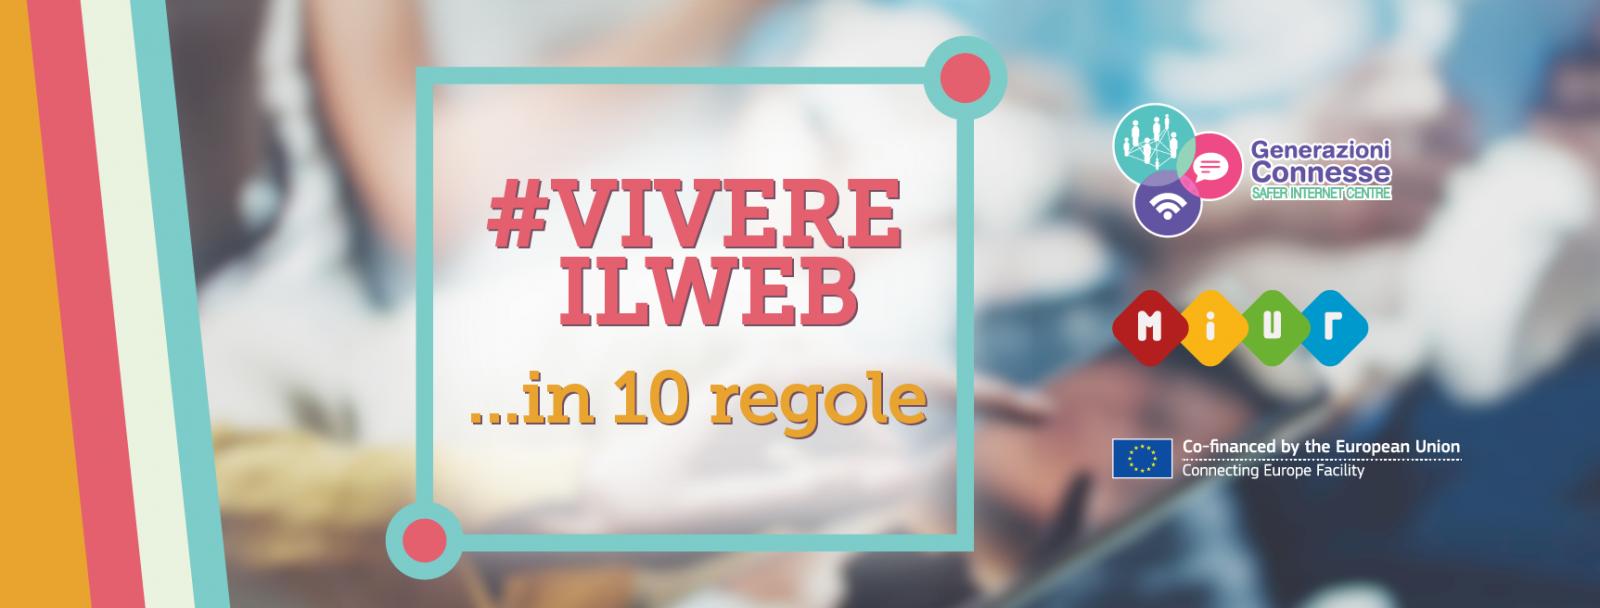 #Vivereilweb - Generazioni Connesse